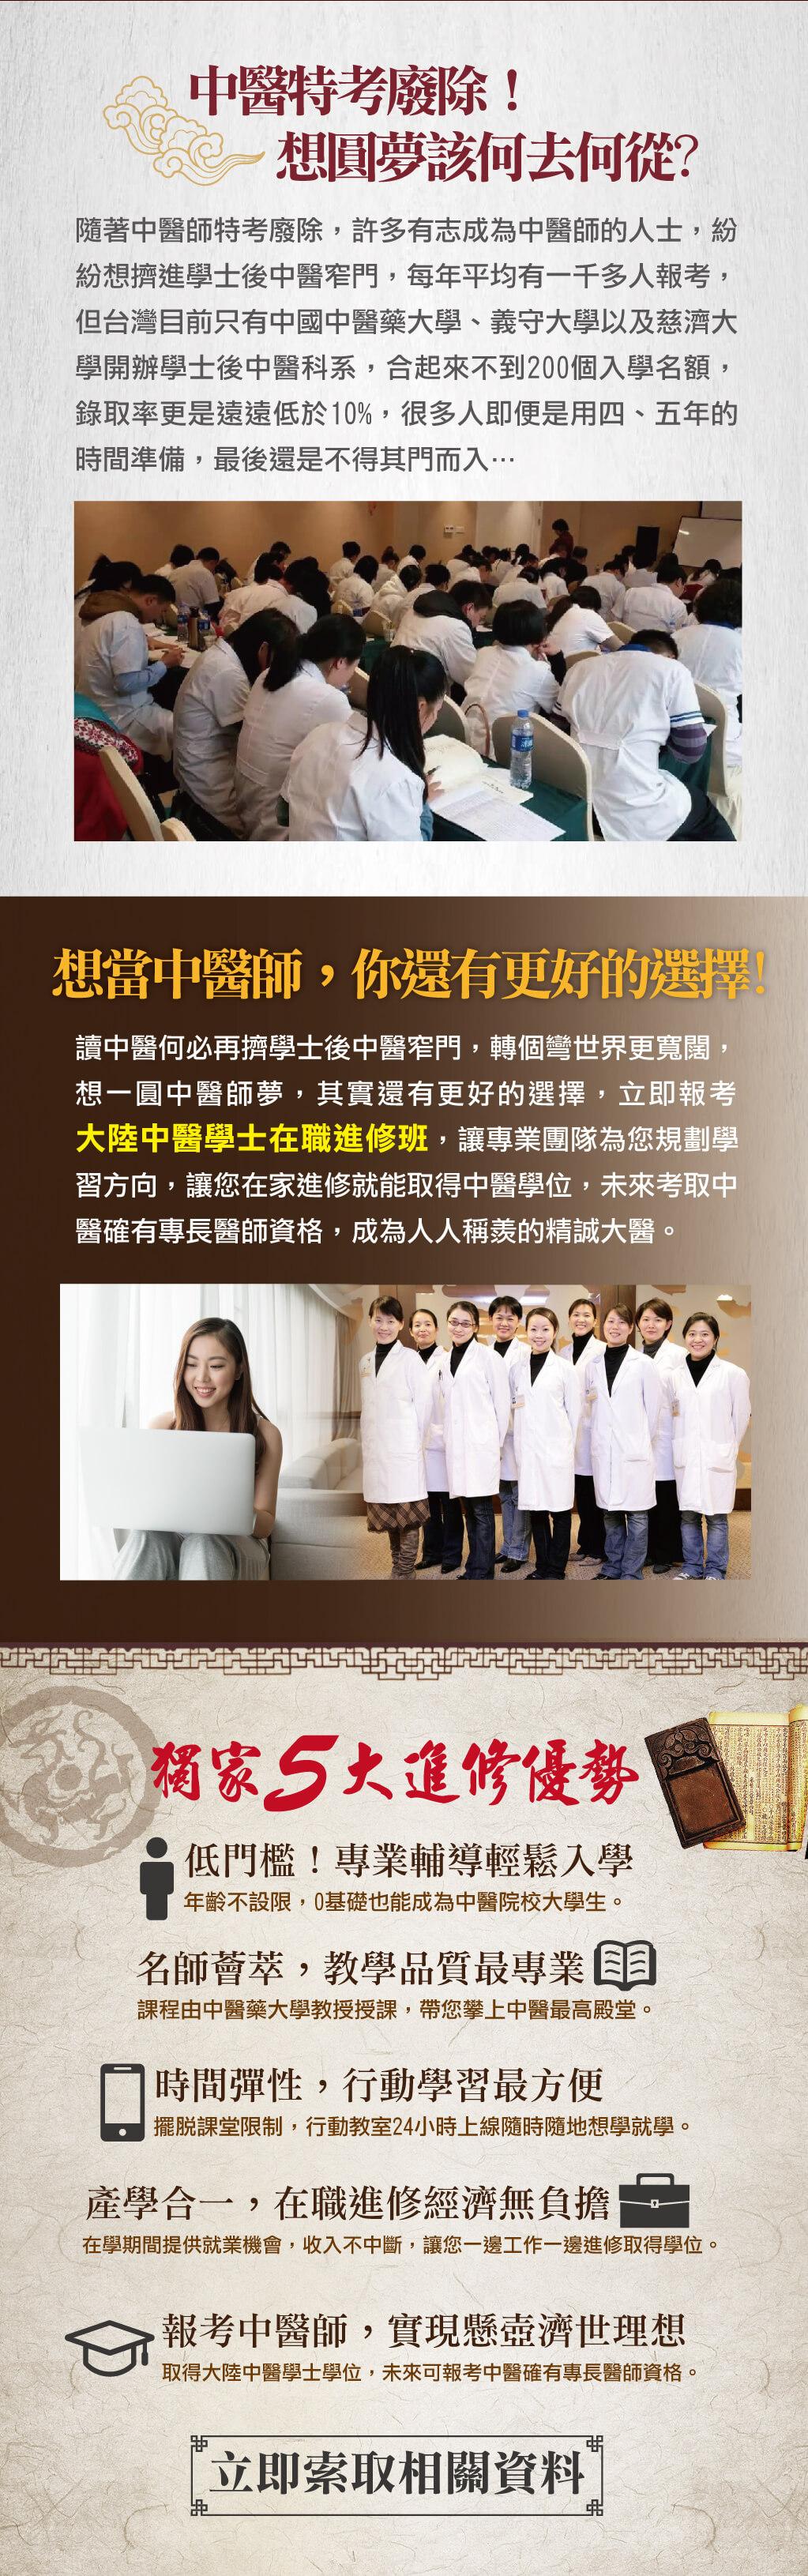 中醫學士在職進修班|30 個月 在家學中醫 讀出一個中醫學士學位